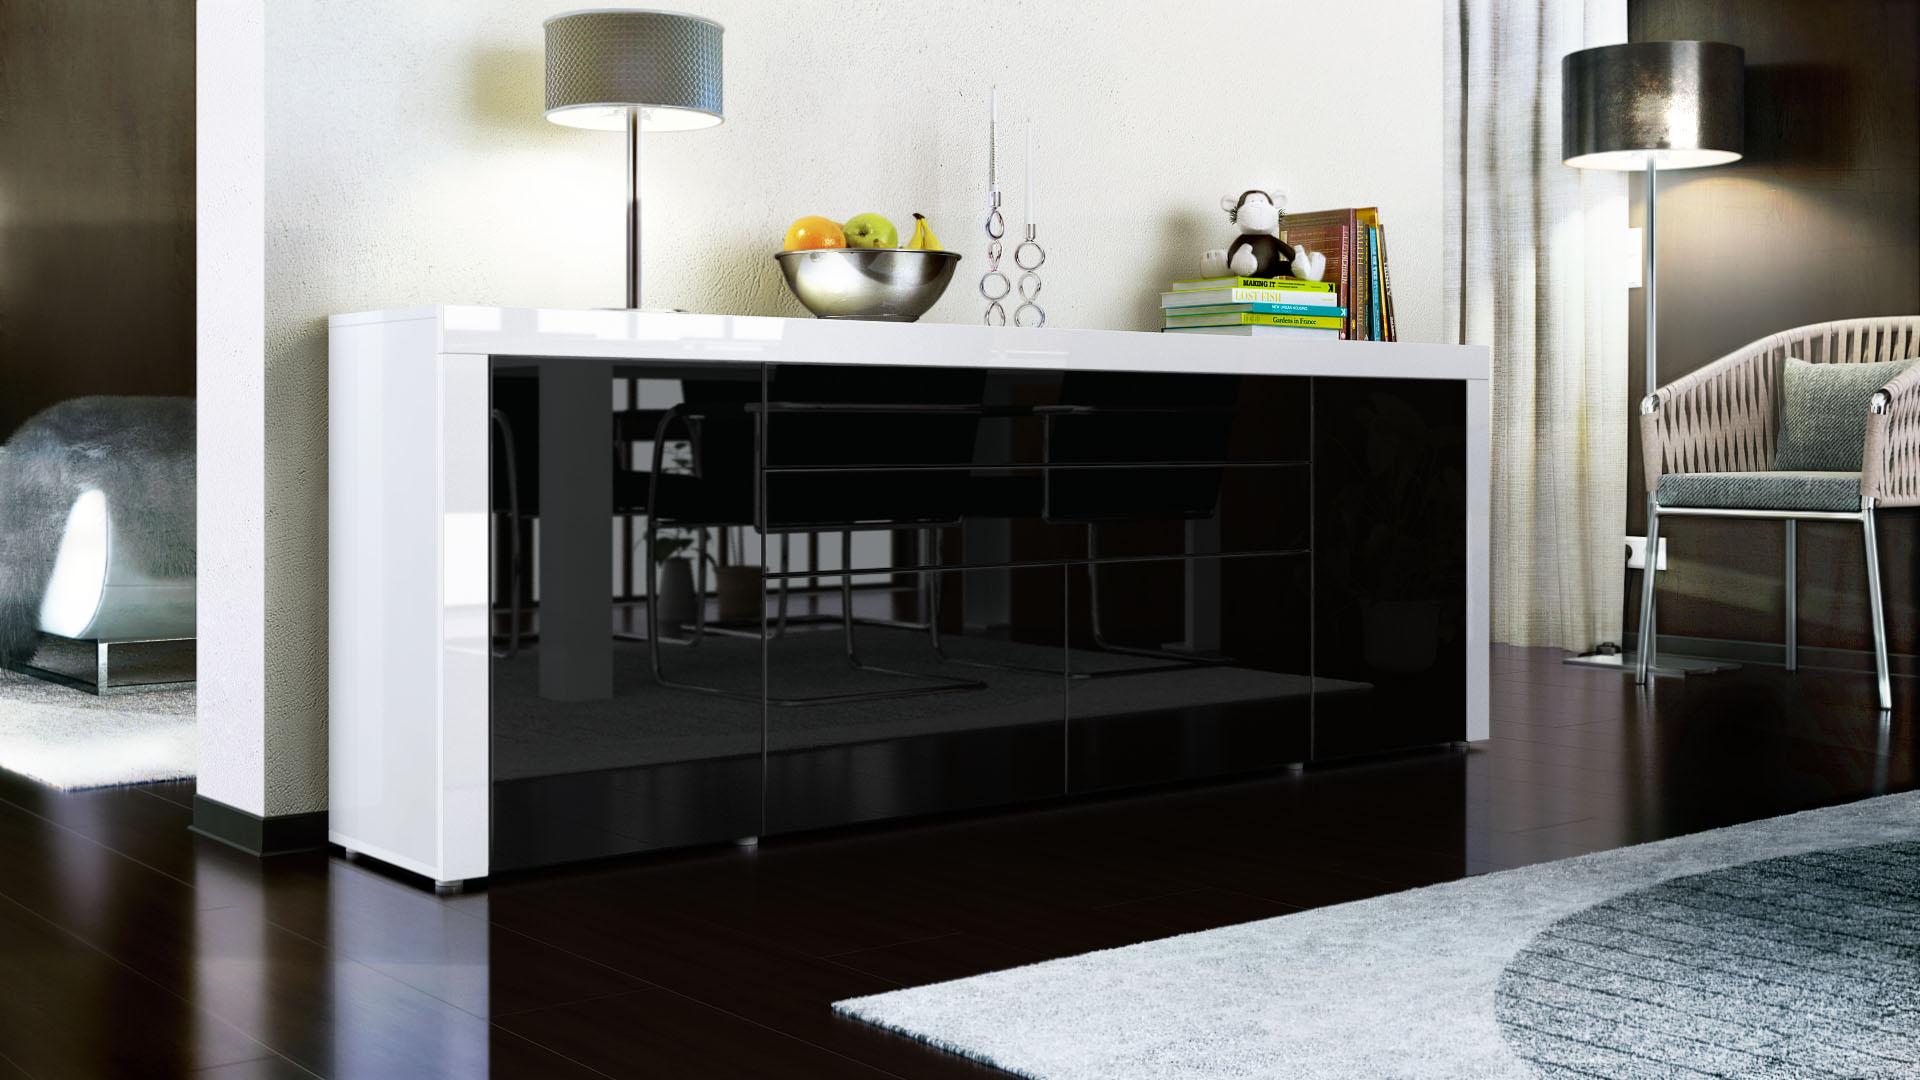 sideboard cabinet chest of drawers la paz v2 white high. Black Bedroom Furniture Sets. Home Design Ideas